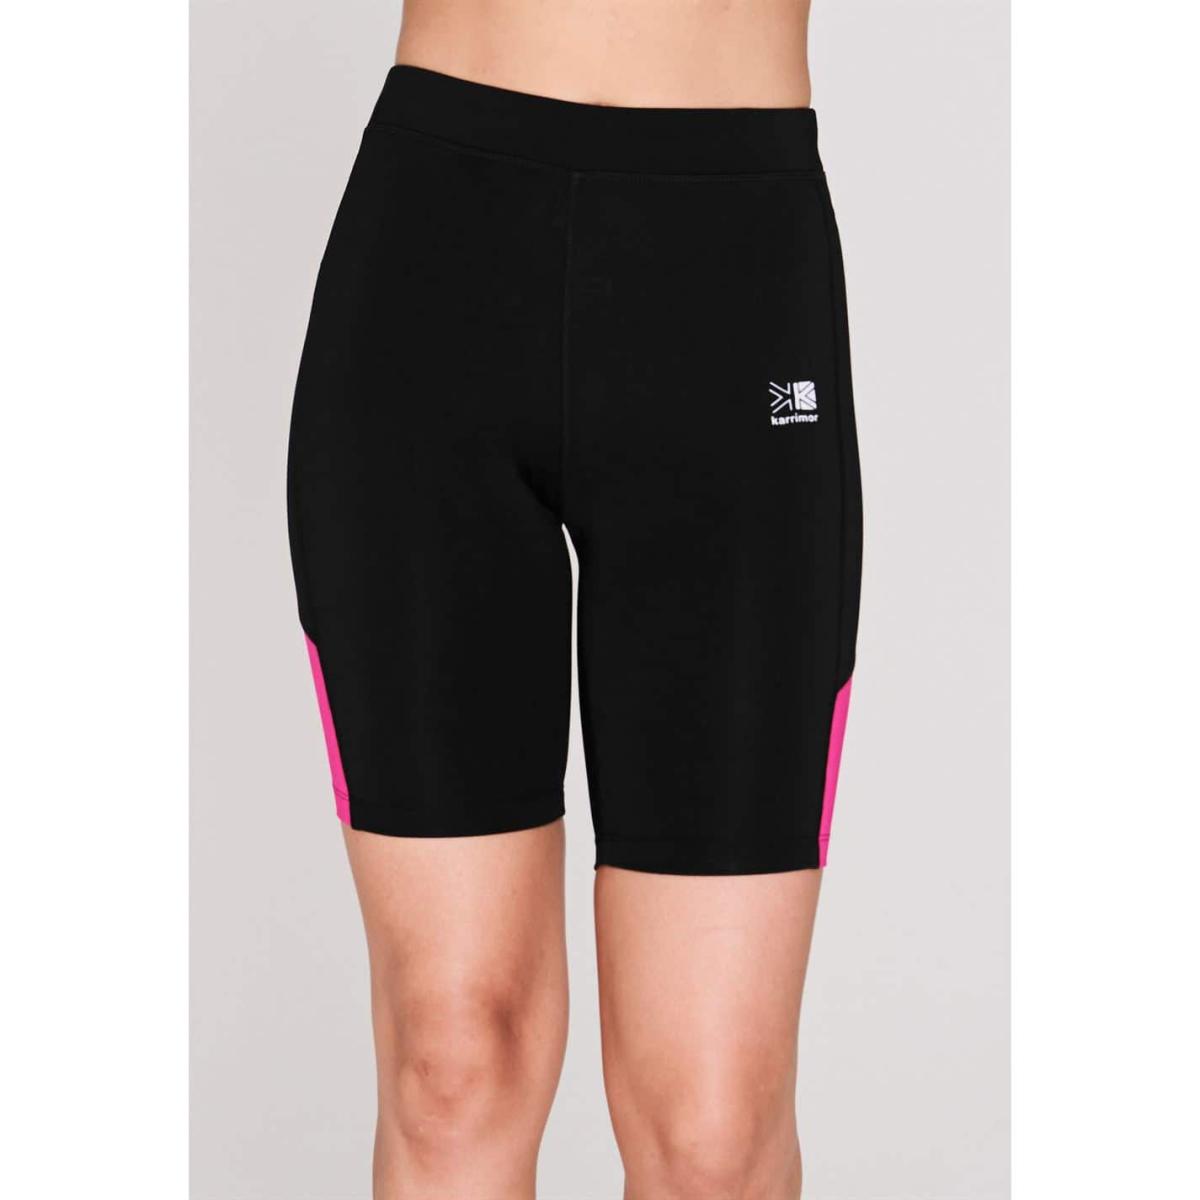 Karrimor Shorts Short KURZHOSE Sport Pantalon Femmes Fitness Jogging 7149